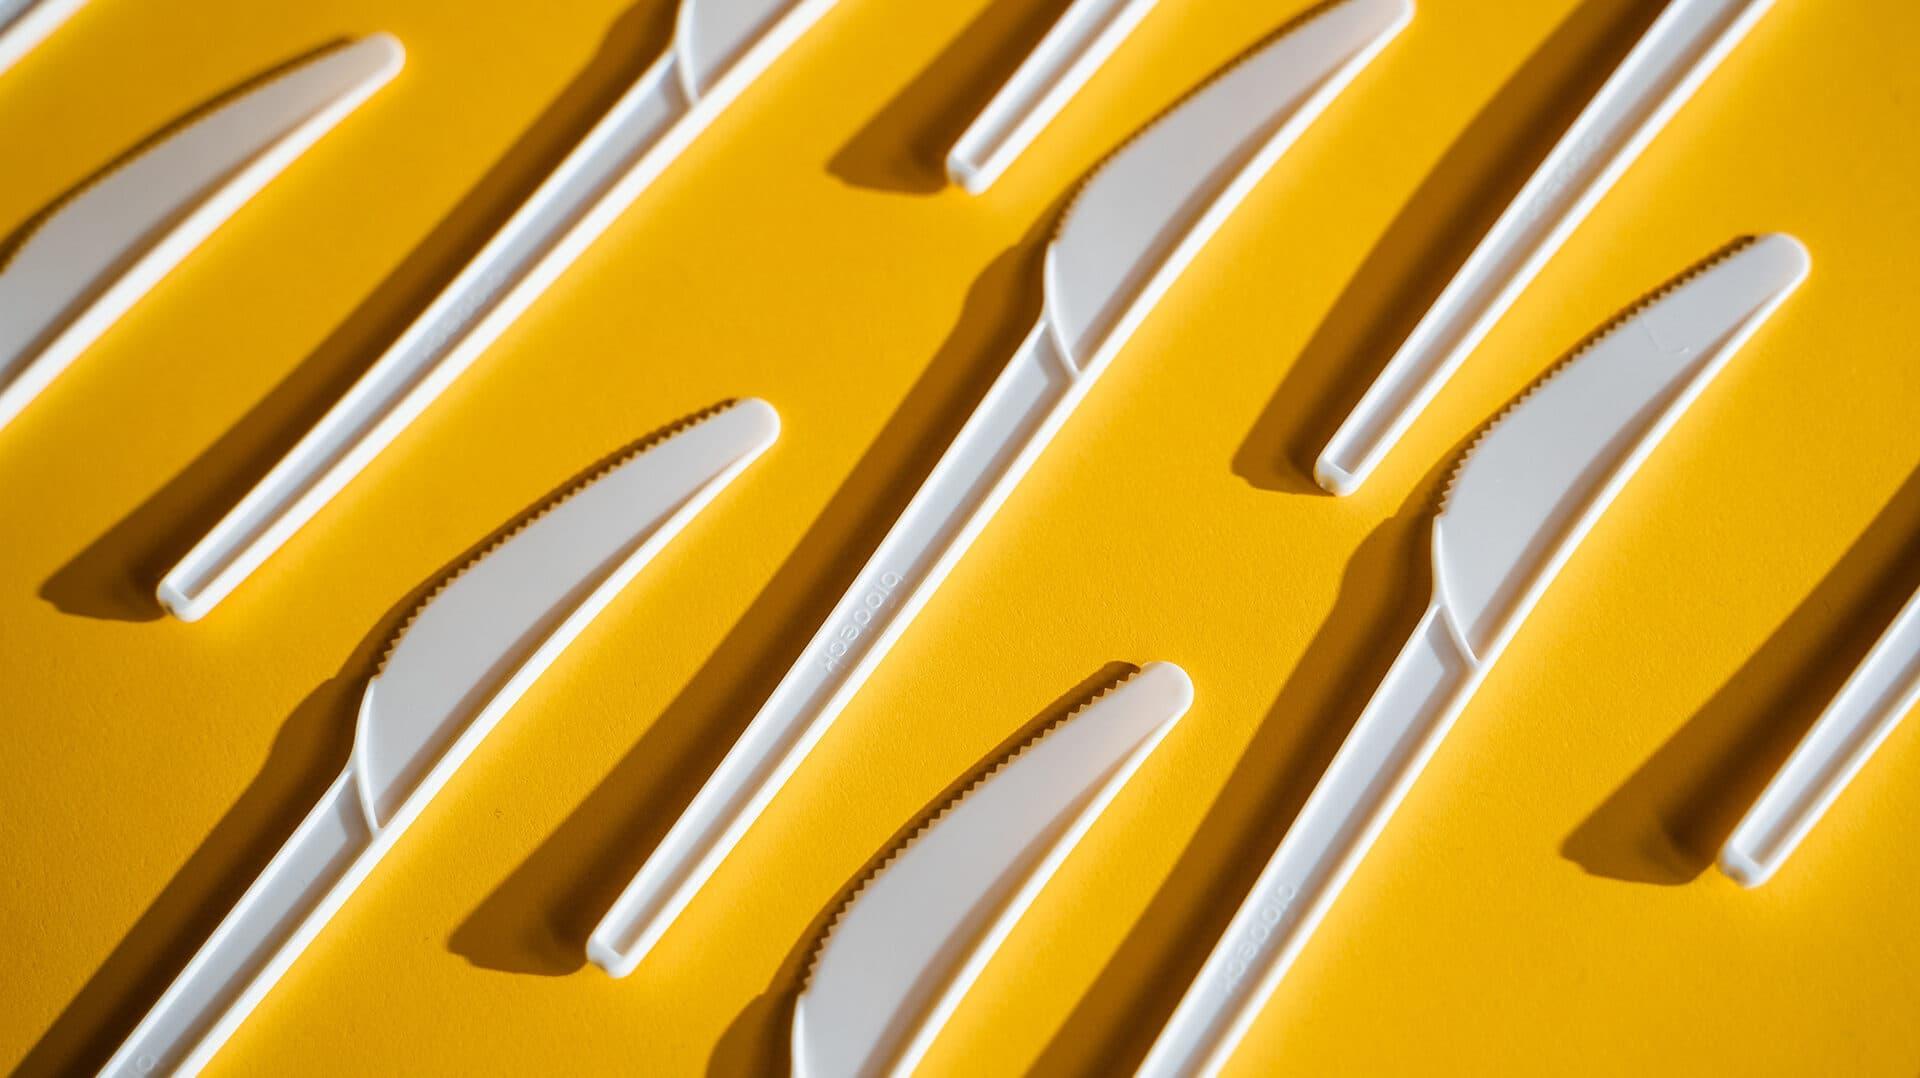 Weiße Plastikmesser auf gelben Untergrund